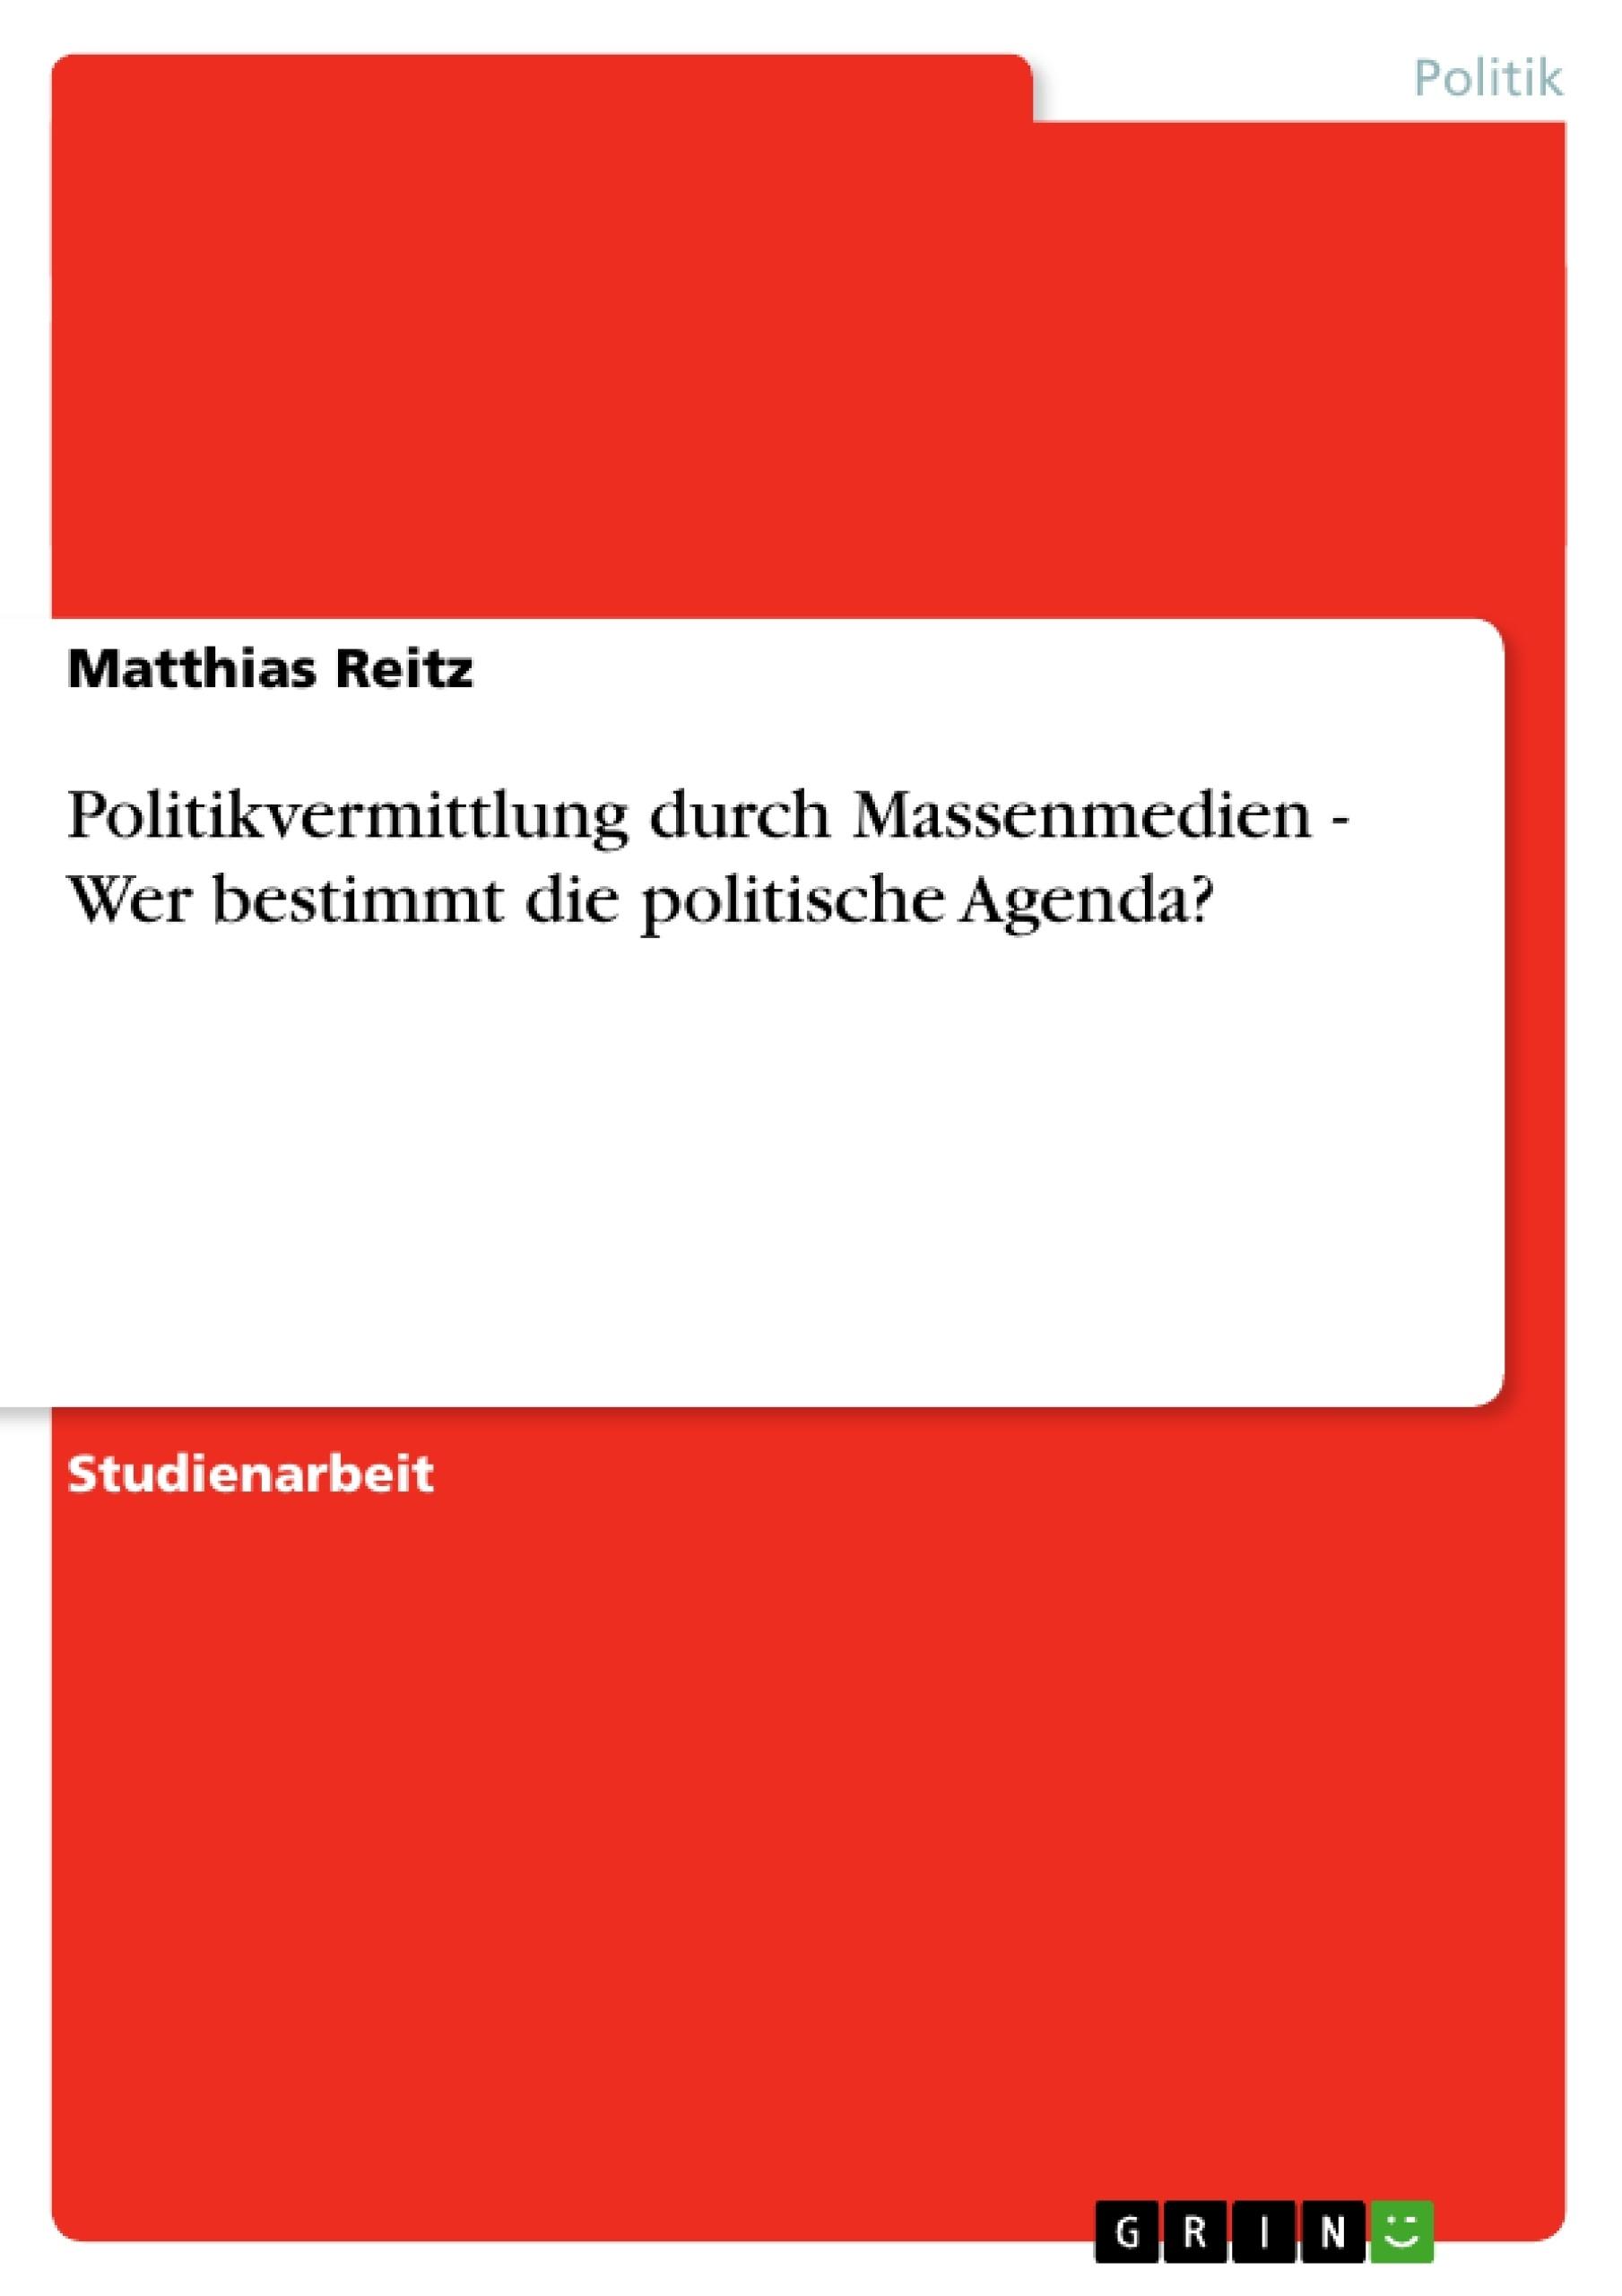 Titel: Politikvermittlung durch Massenmedien - Wer bestimmt die politische Agenda?